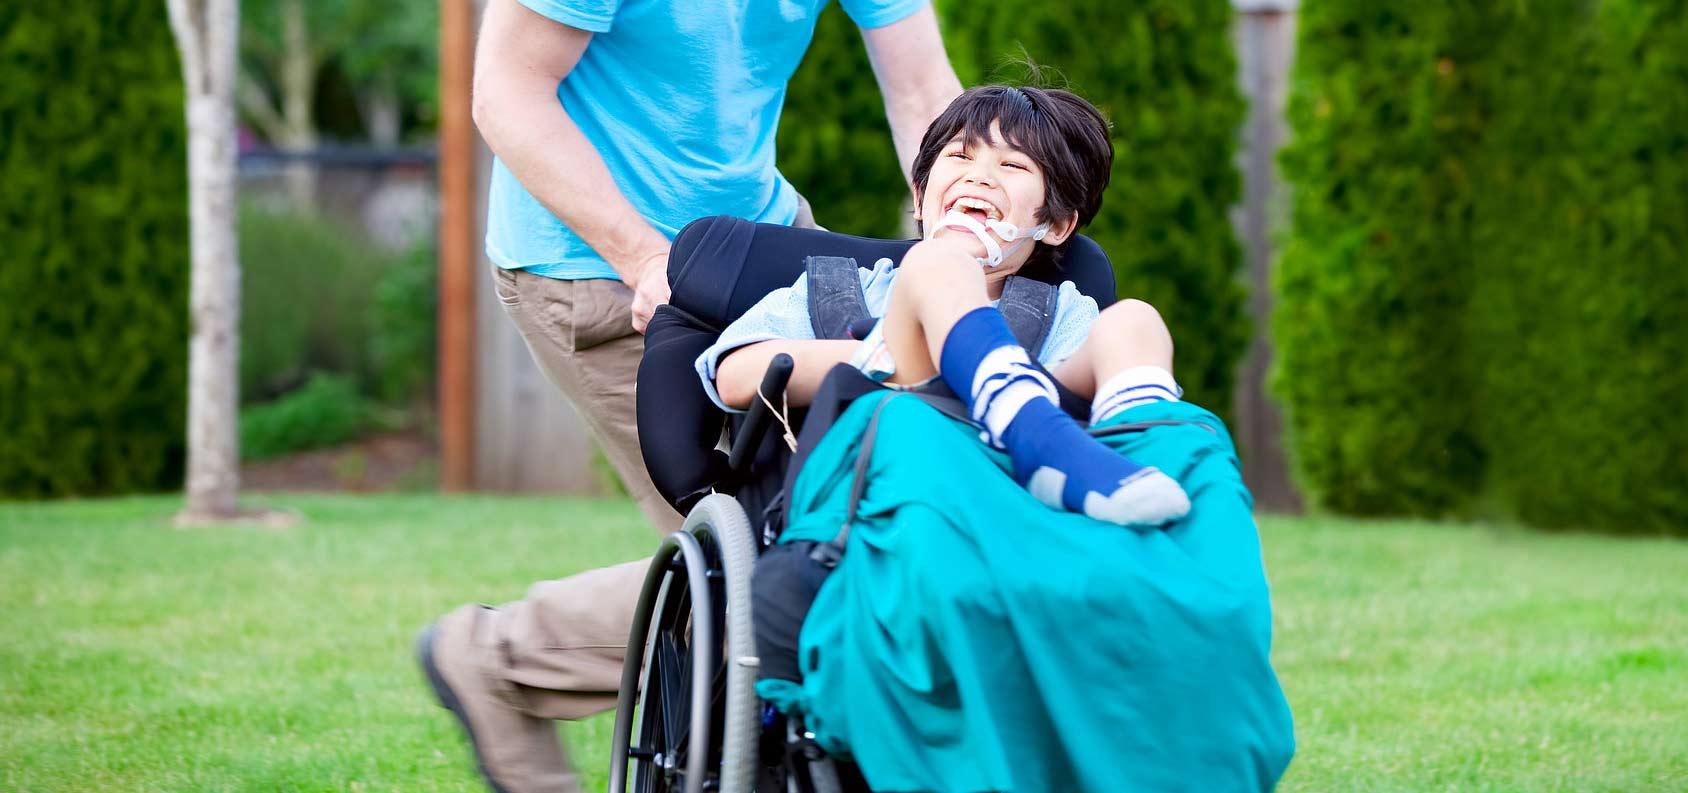 manovre di disostruzione pediatrica nei bambini su sedia a